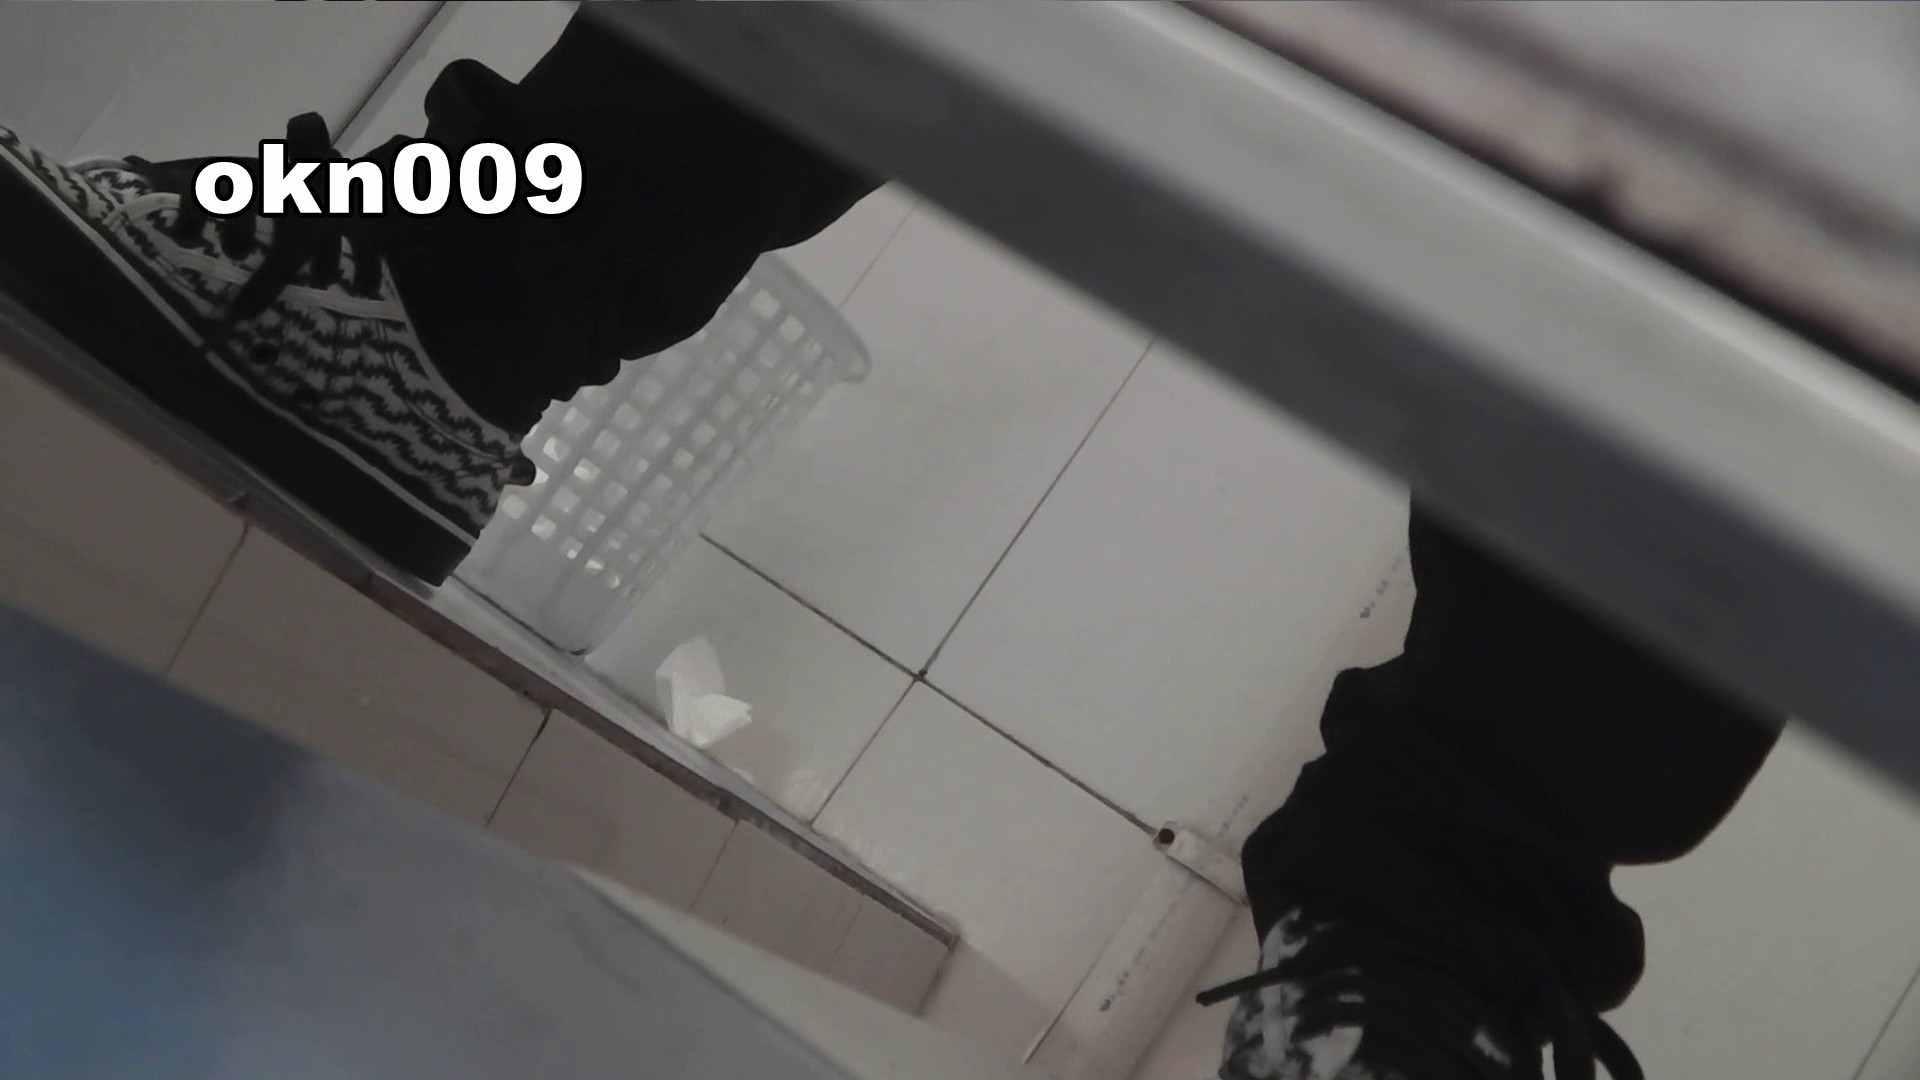 下からノゾム vol.009 リキンでモリアガった割にヒョロ 盛合せ 濡れ場動画紹介 109画像 62